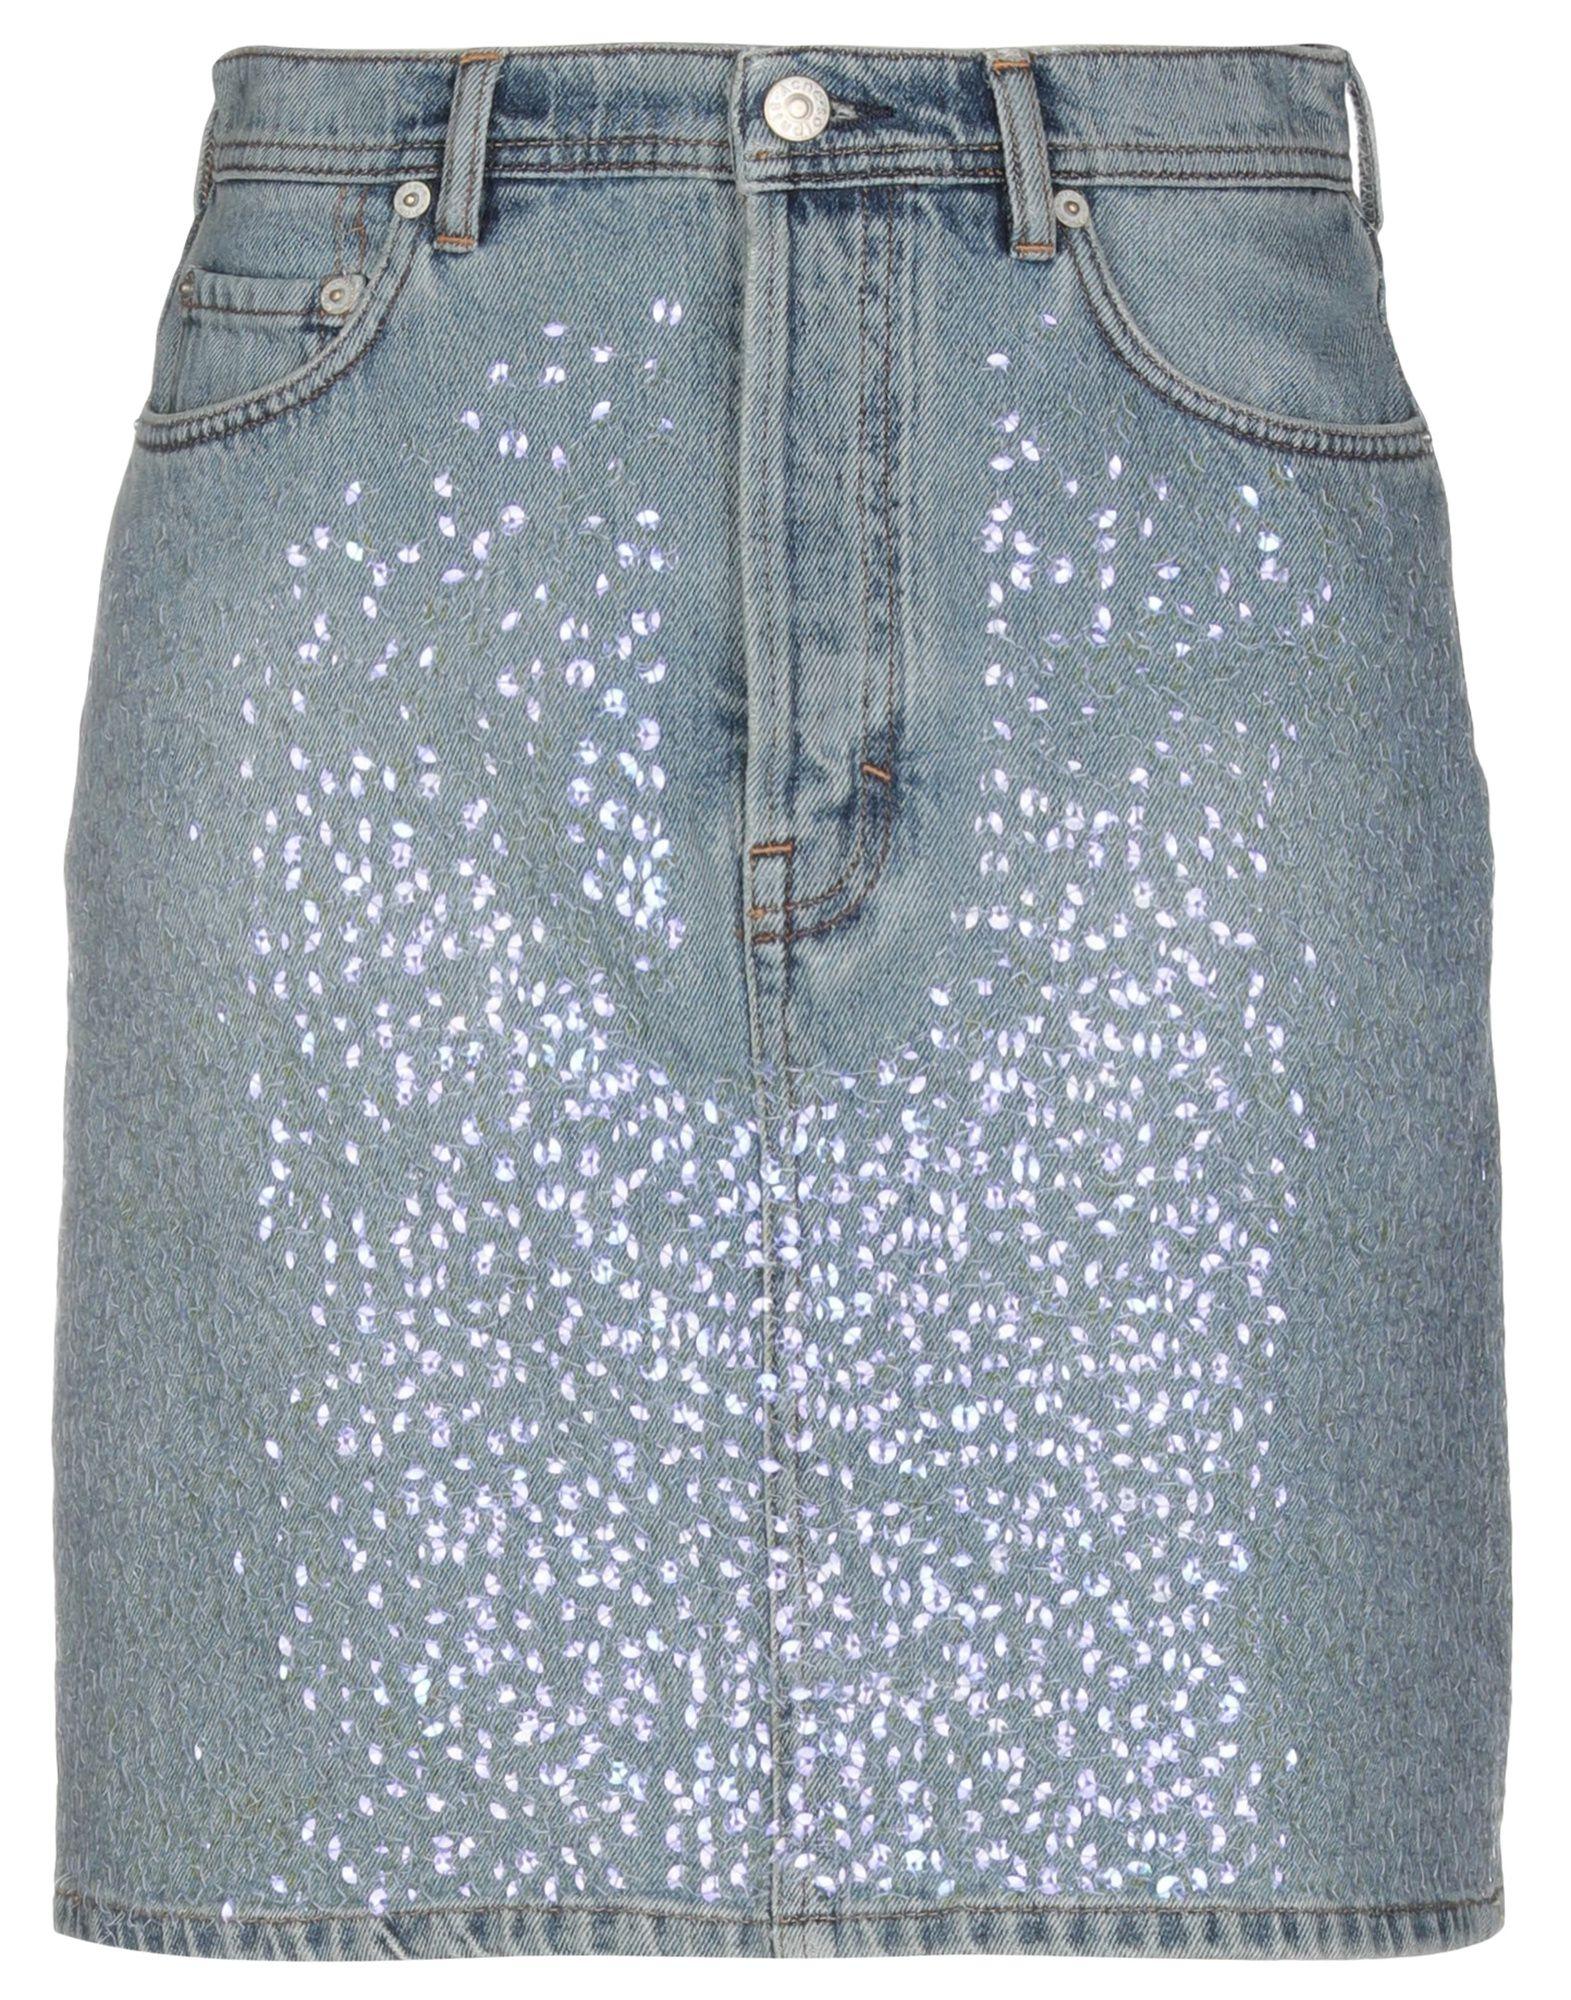 ACNE STUDIOS Джинсовая юбка vinemo vorneoco корейская версия высокой талии слот пакет юбка джинсовая юбка юбка юбка r1540 серый xl